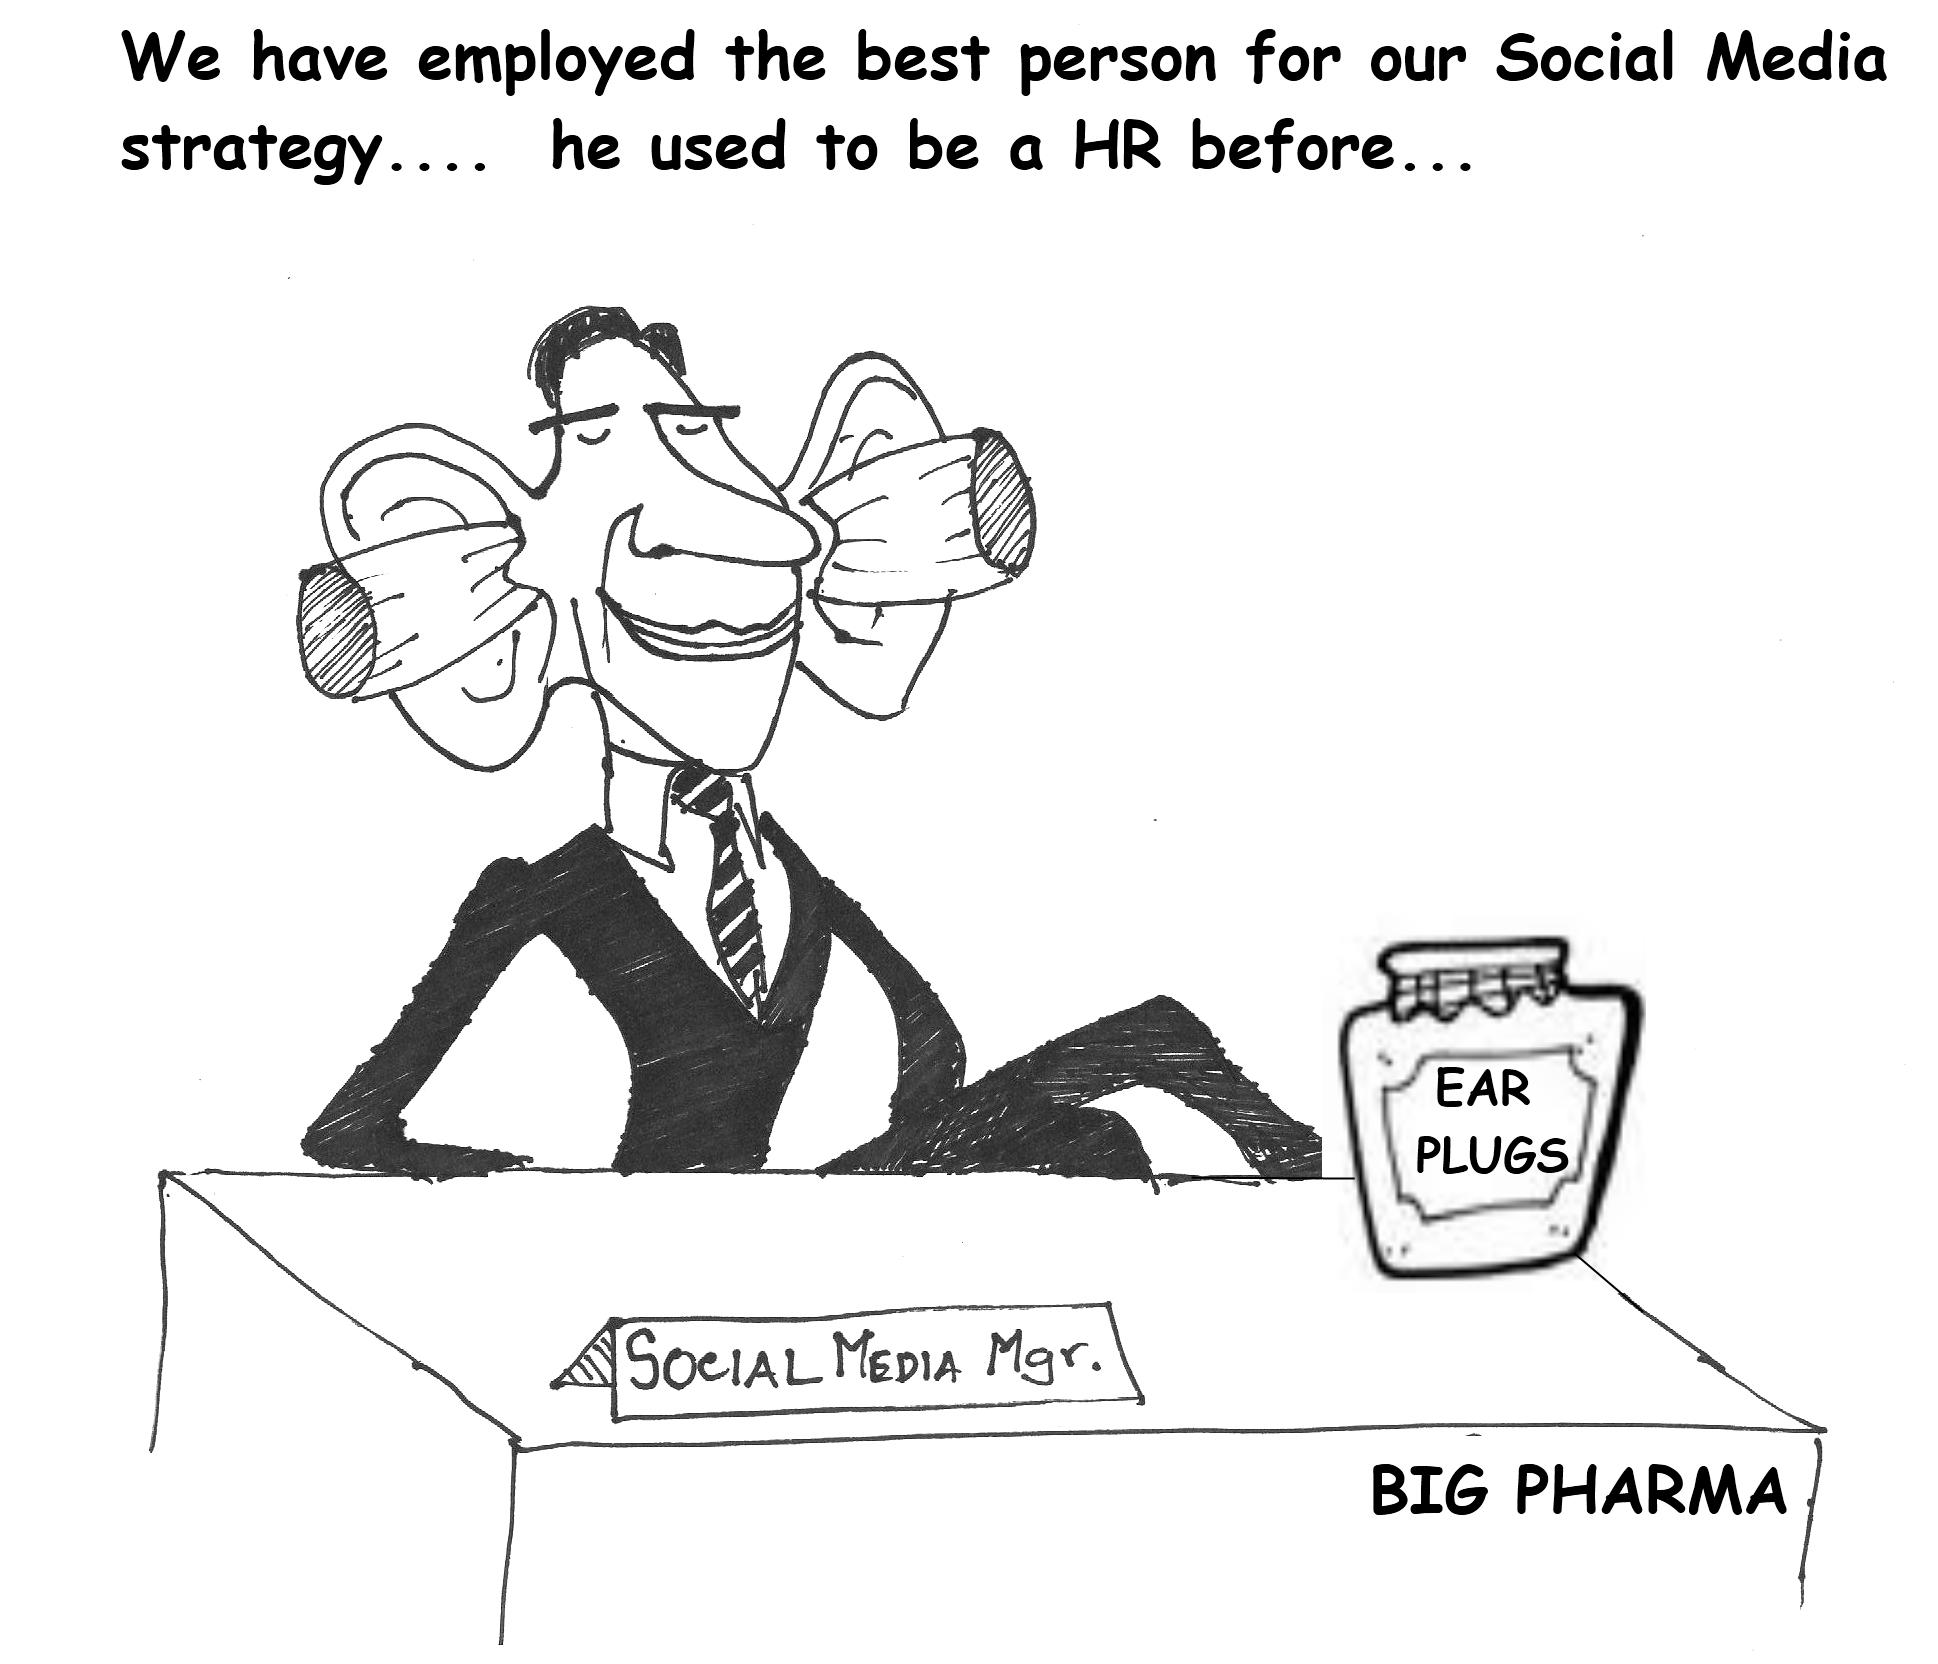 Pharma's Social Media Strategy